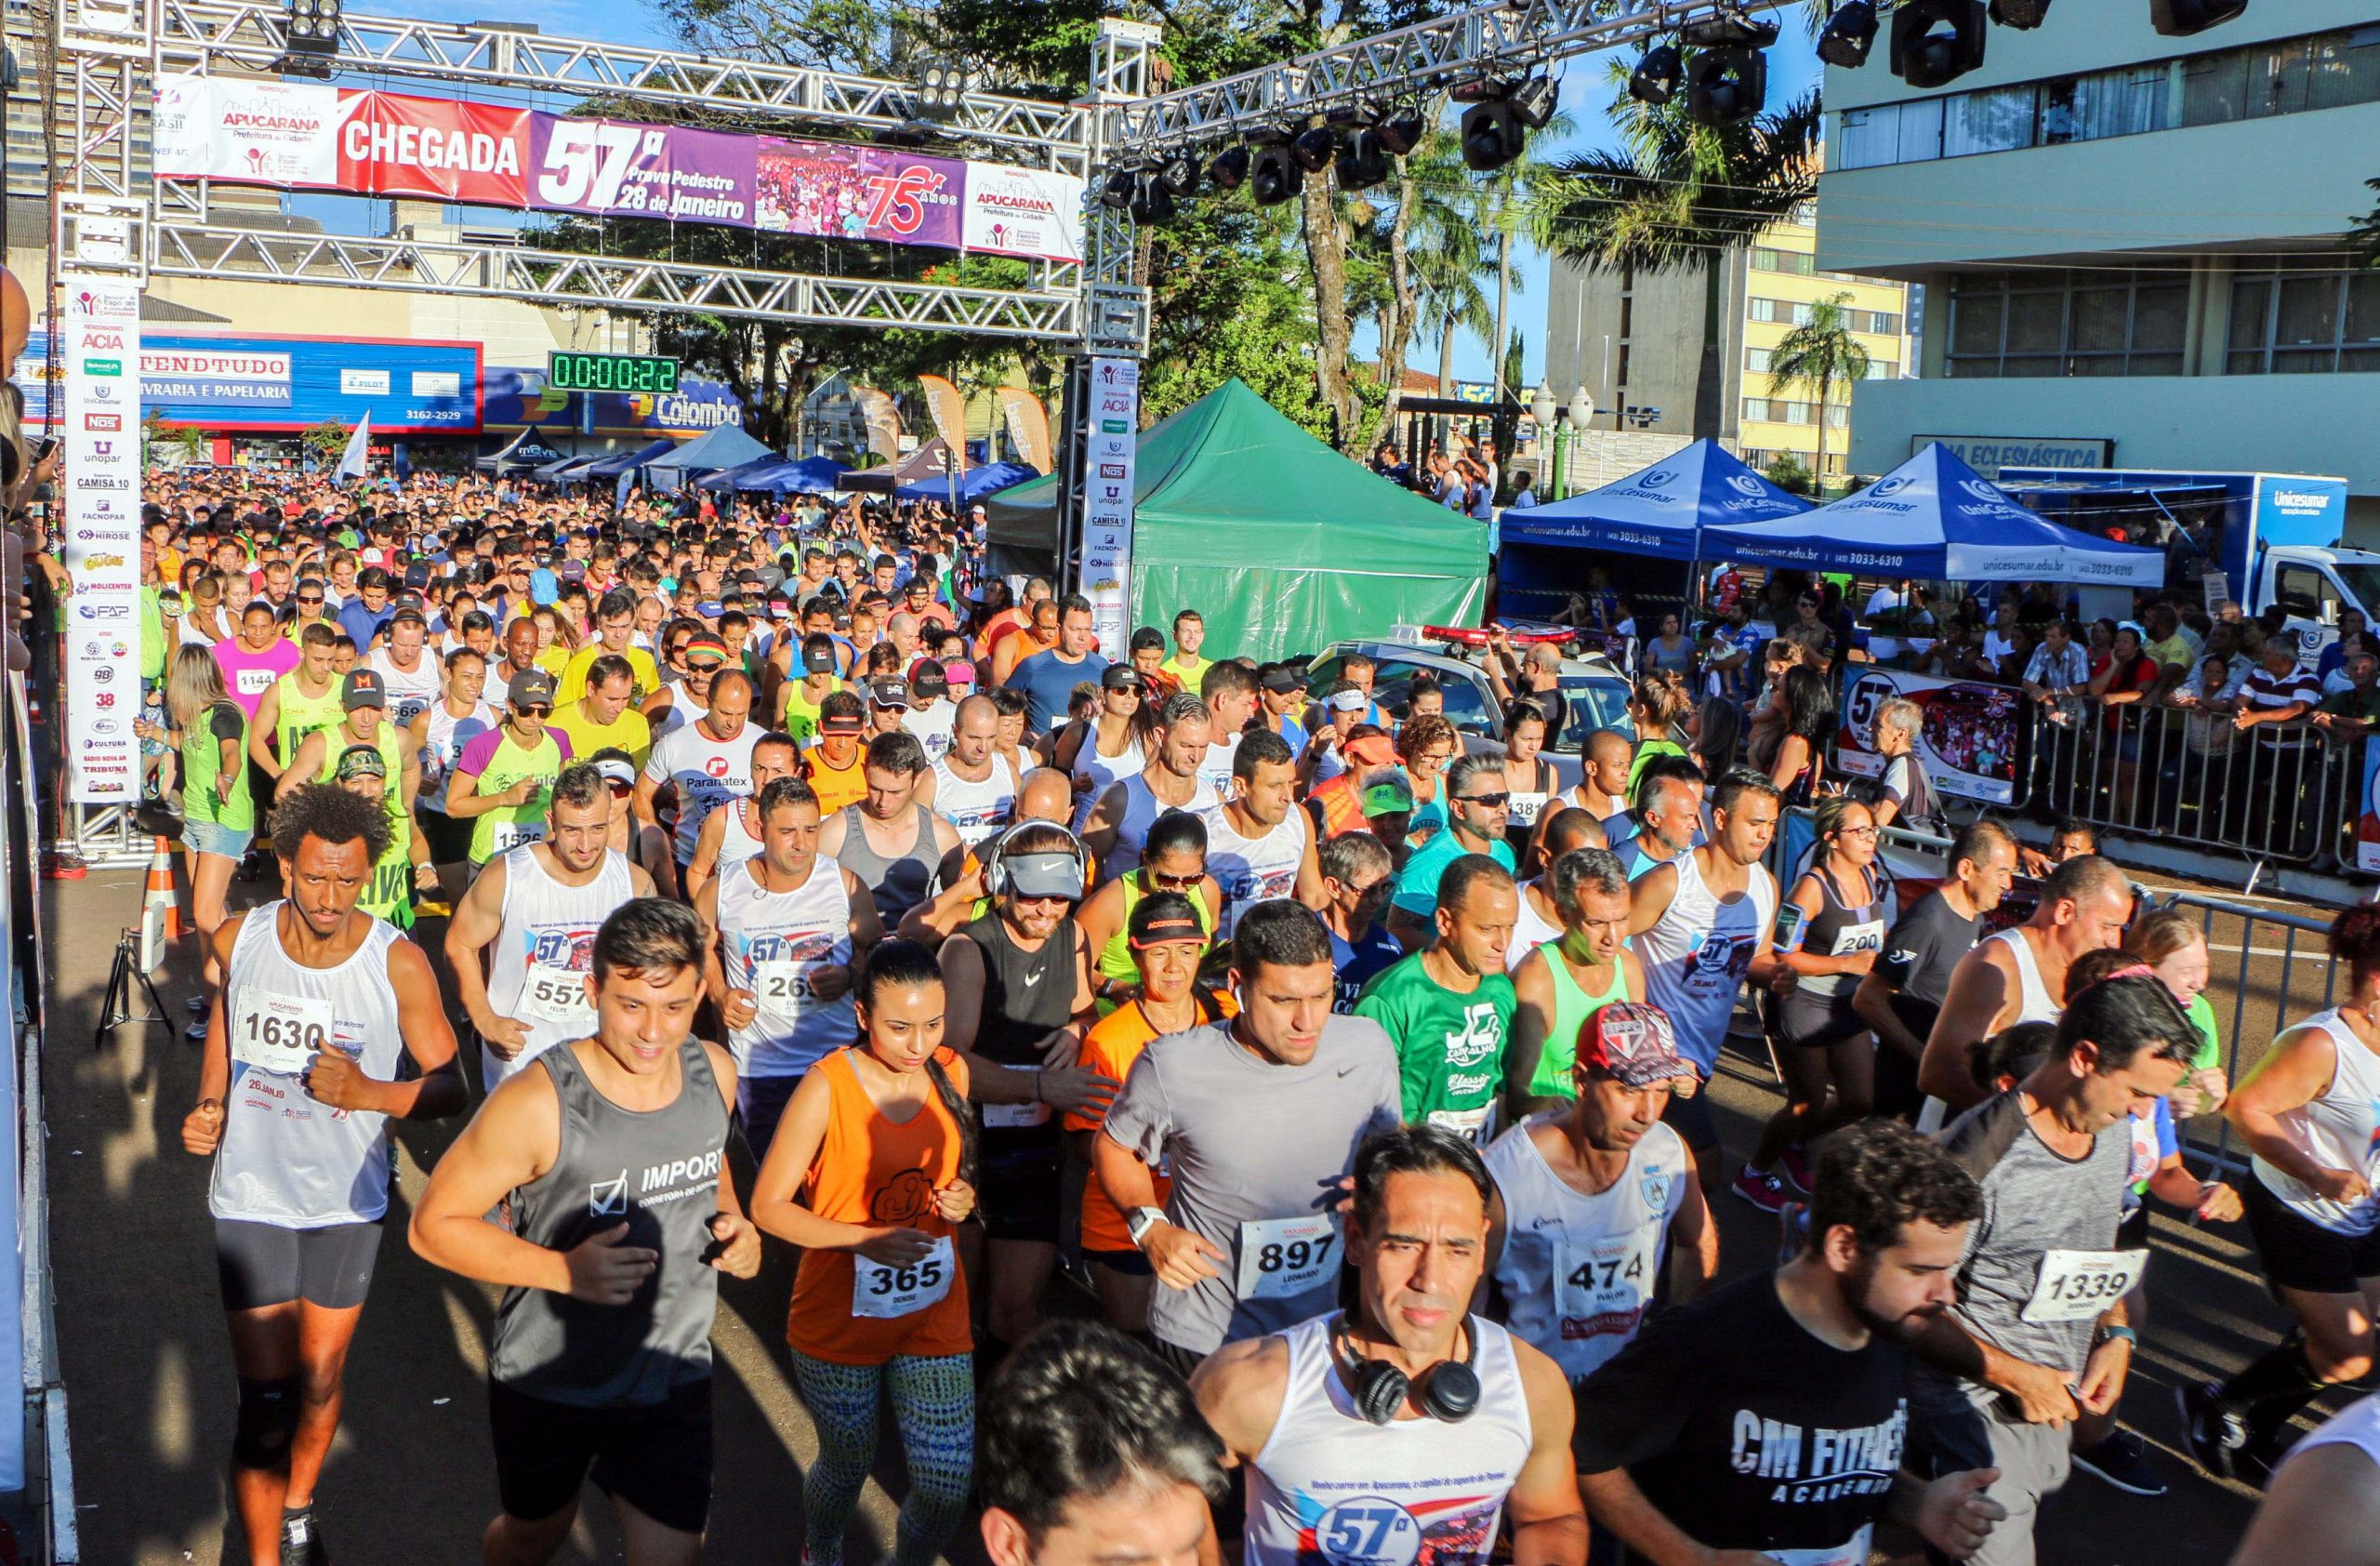 Até esta quinta-feira (16/01), mais de 3 mil atletas já haviam confirmado inscrição na 21ª Vinteoitinha e provas principais de 5 e 10 quilômetros da tradicional corrida de rua que acontece neste dia 25 em comemoração aos 76 anos do município